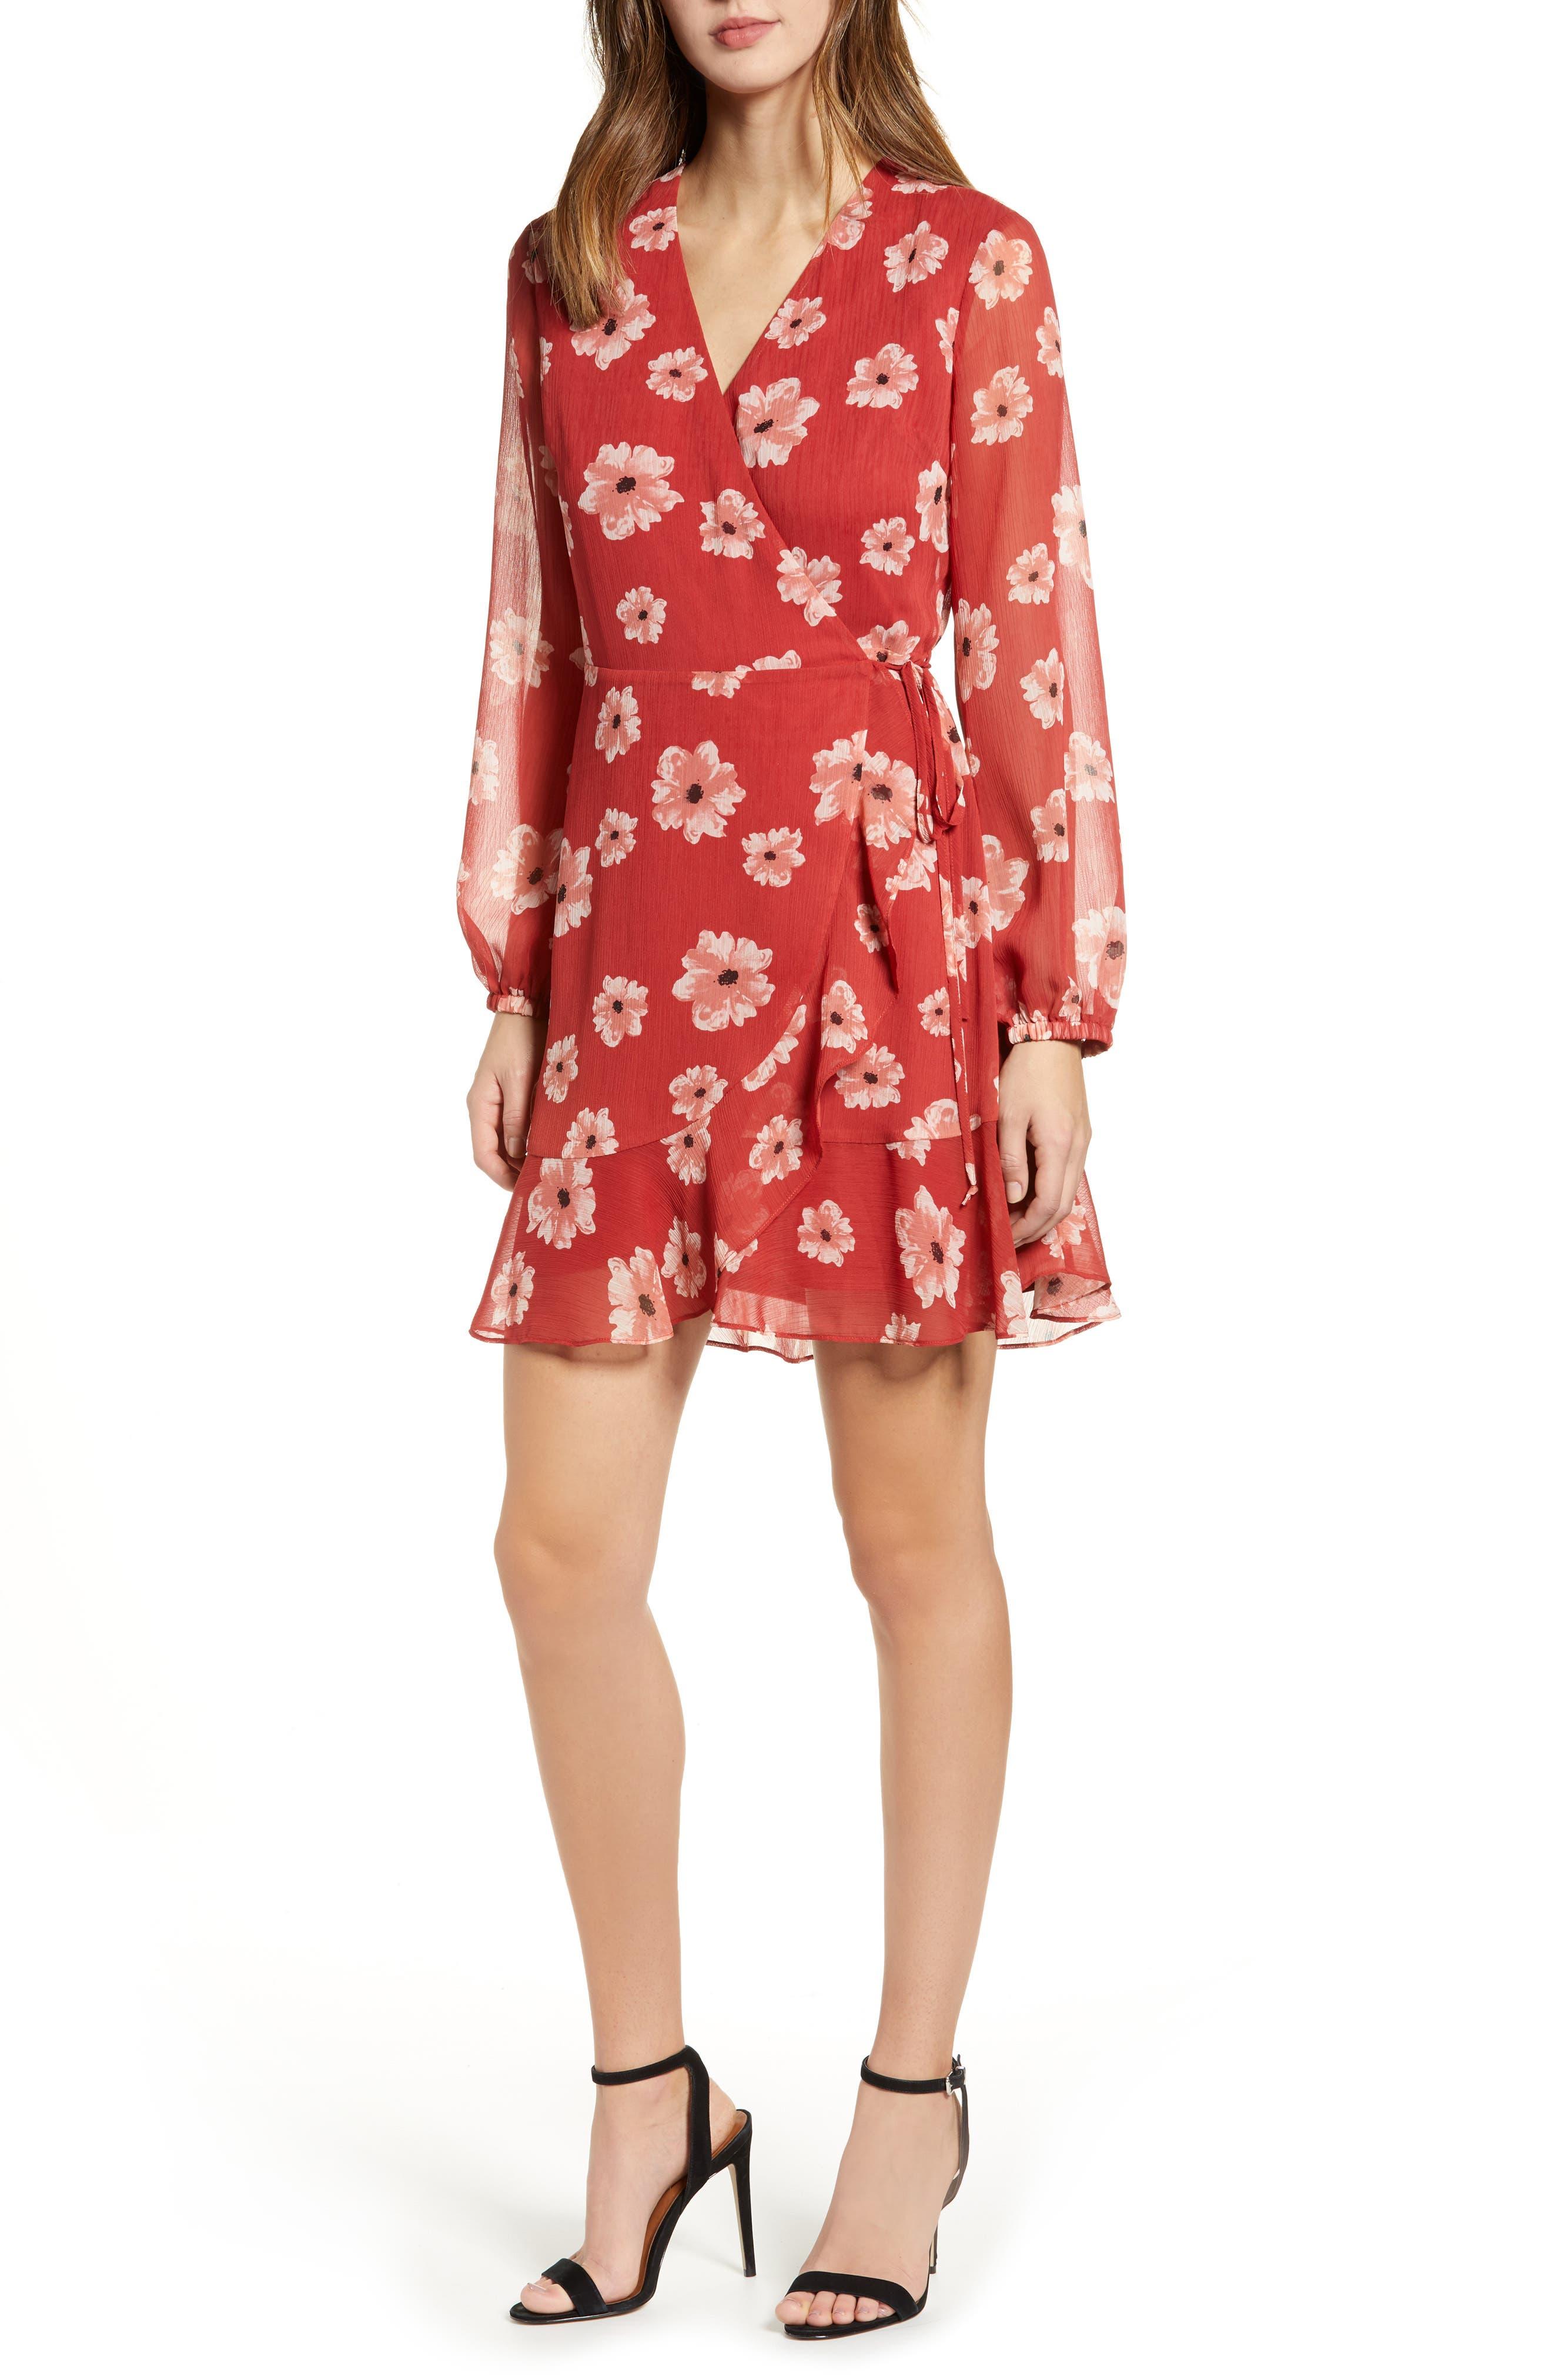 Nordstrom.com Dresses